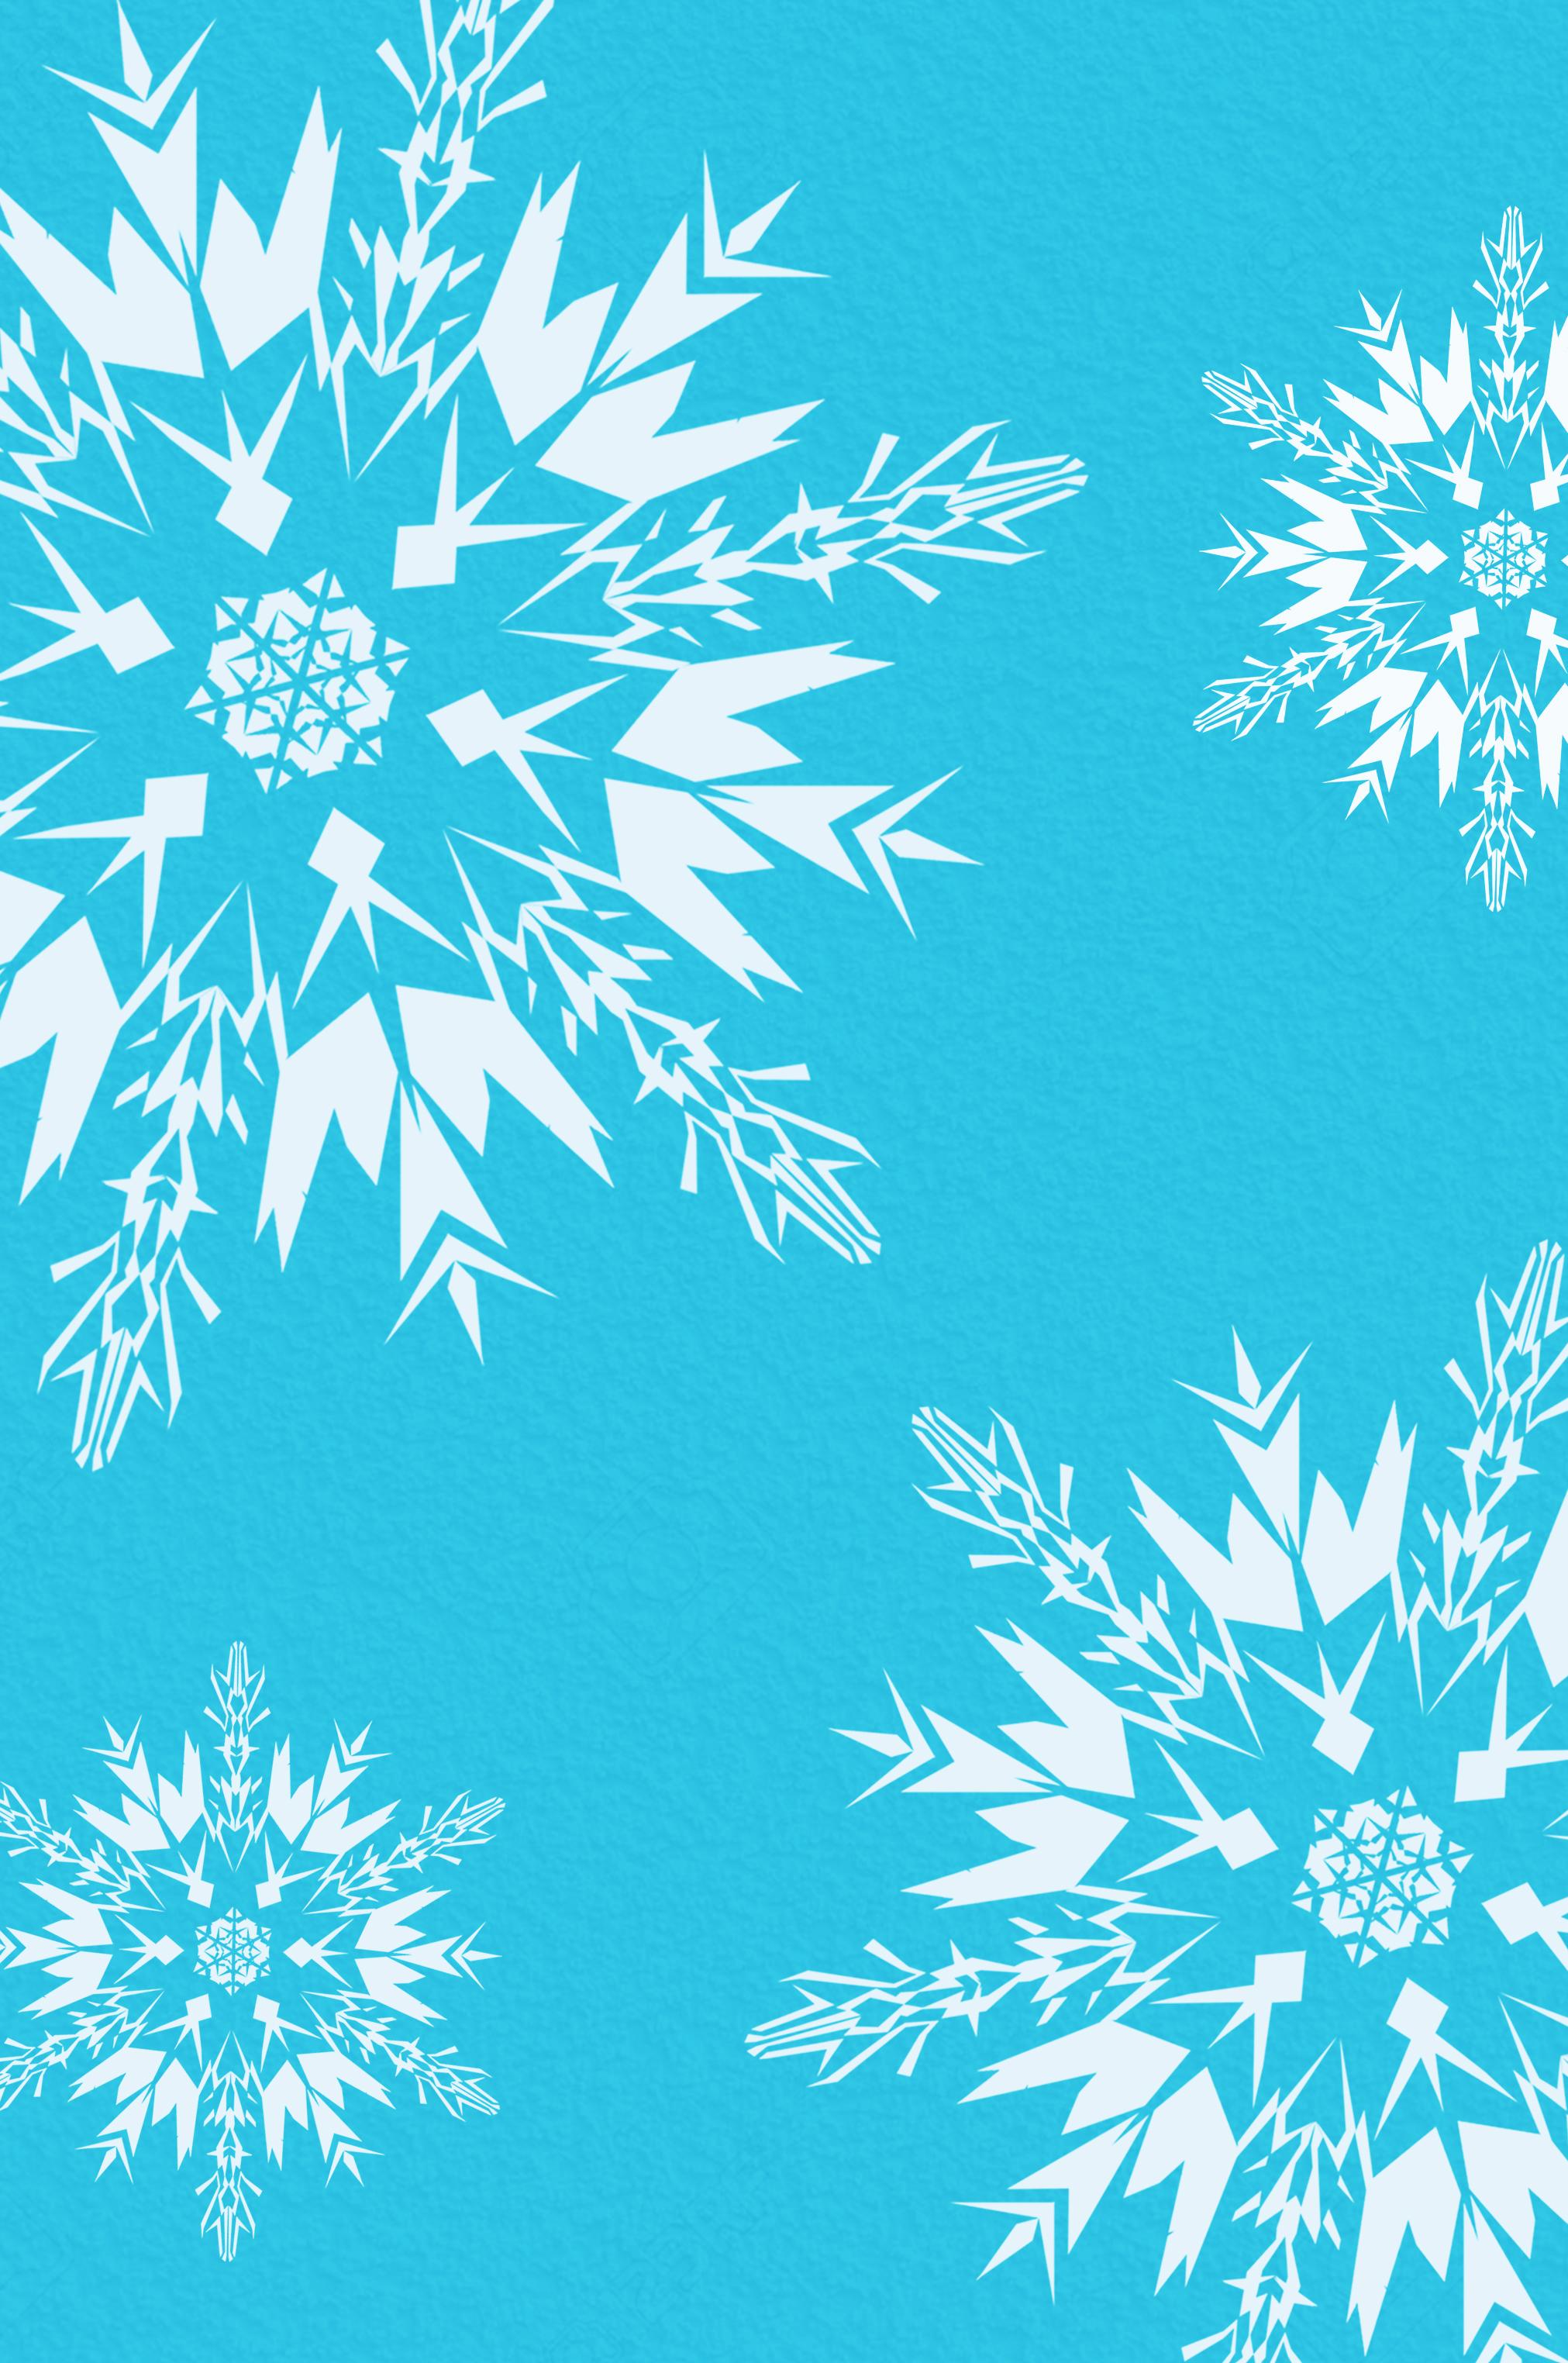 Rút Bài Oracle: Bài Hát Giáng Sinh Dành Cho Bạn?